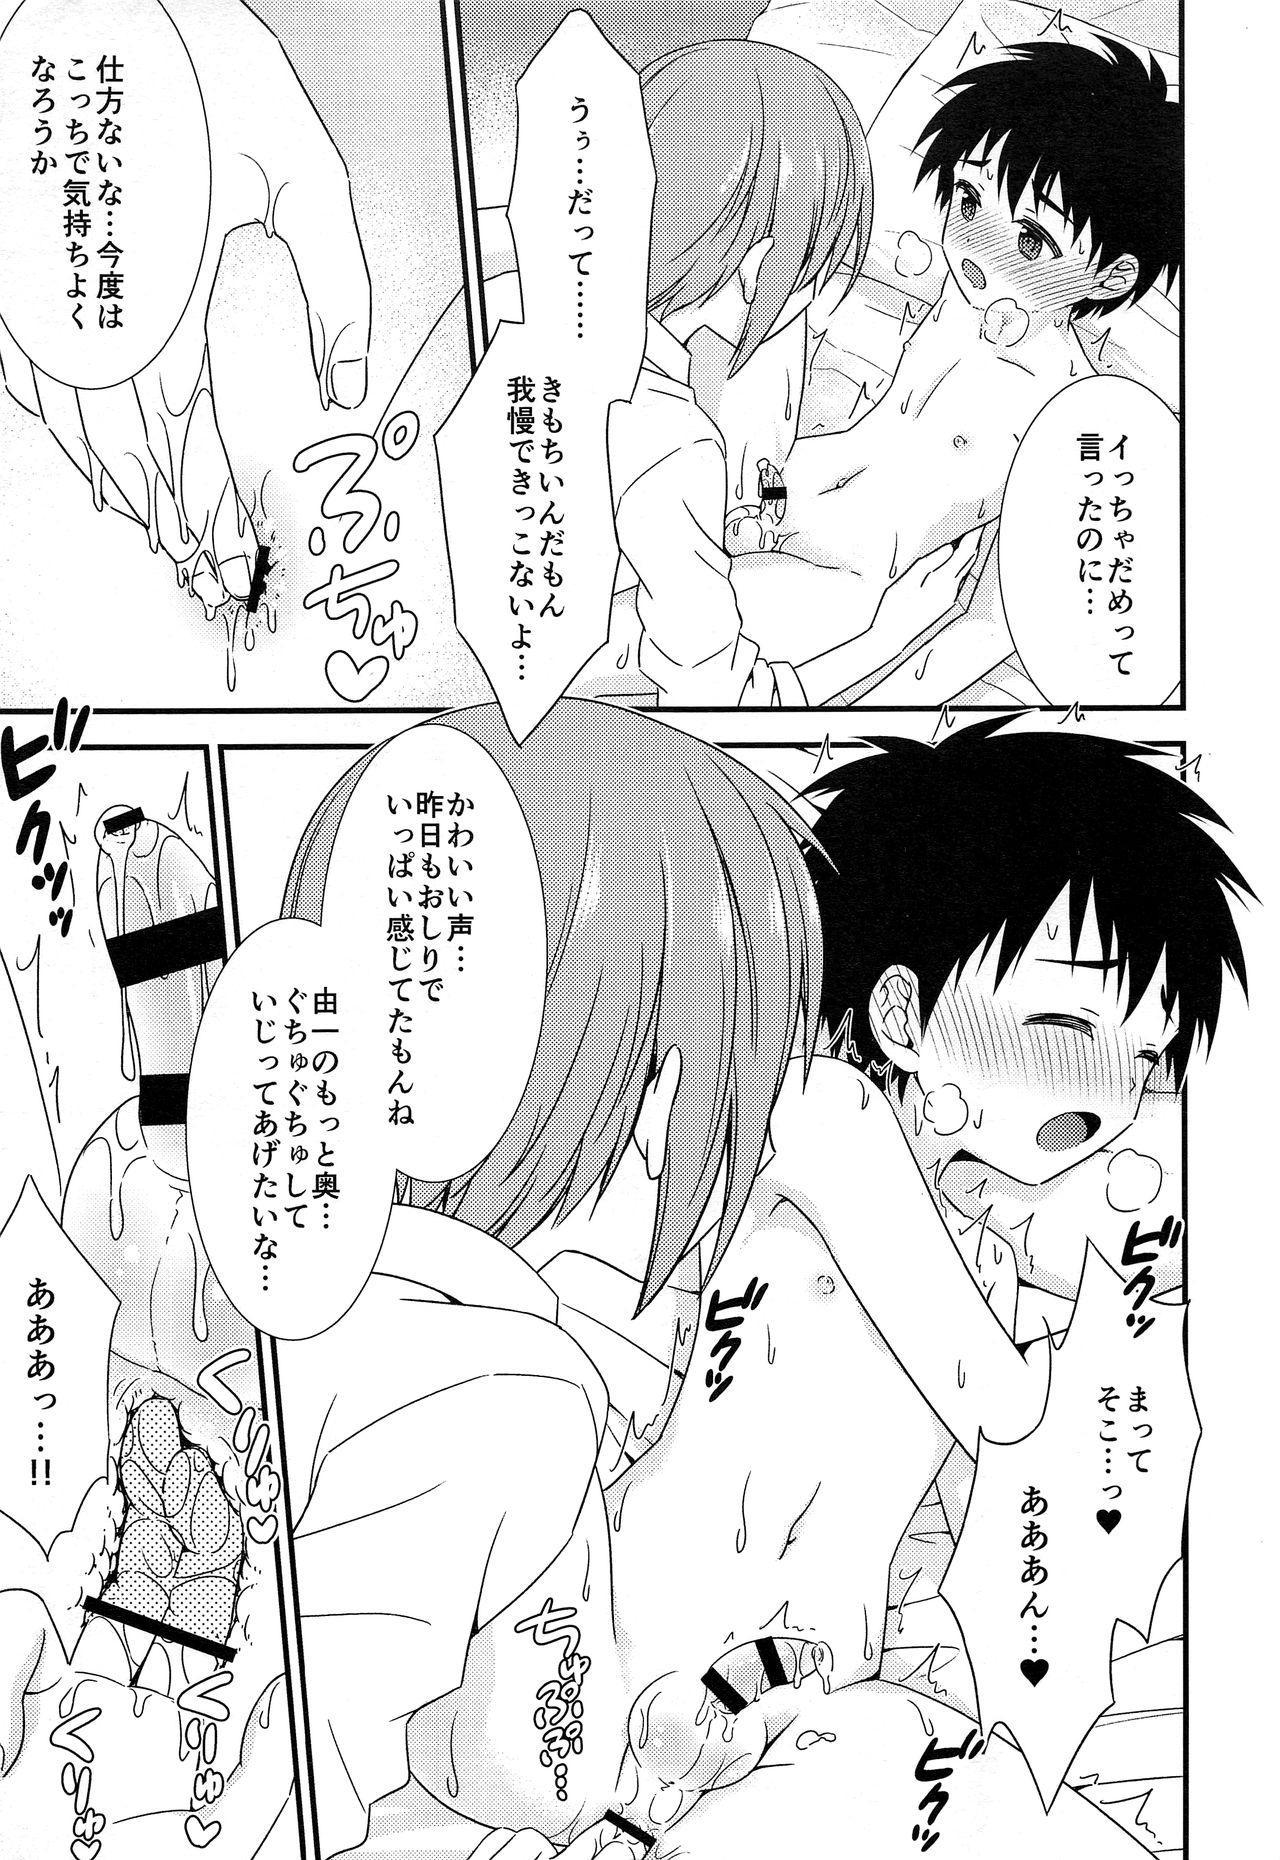 Yuujou no Hate ni Kimi to Sex shita 31